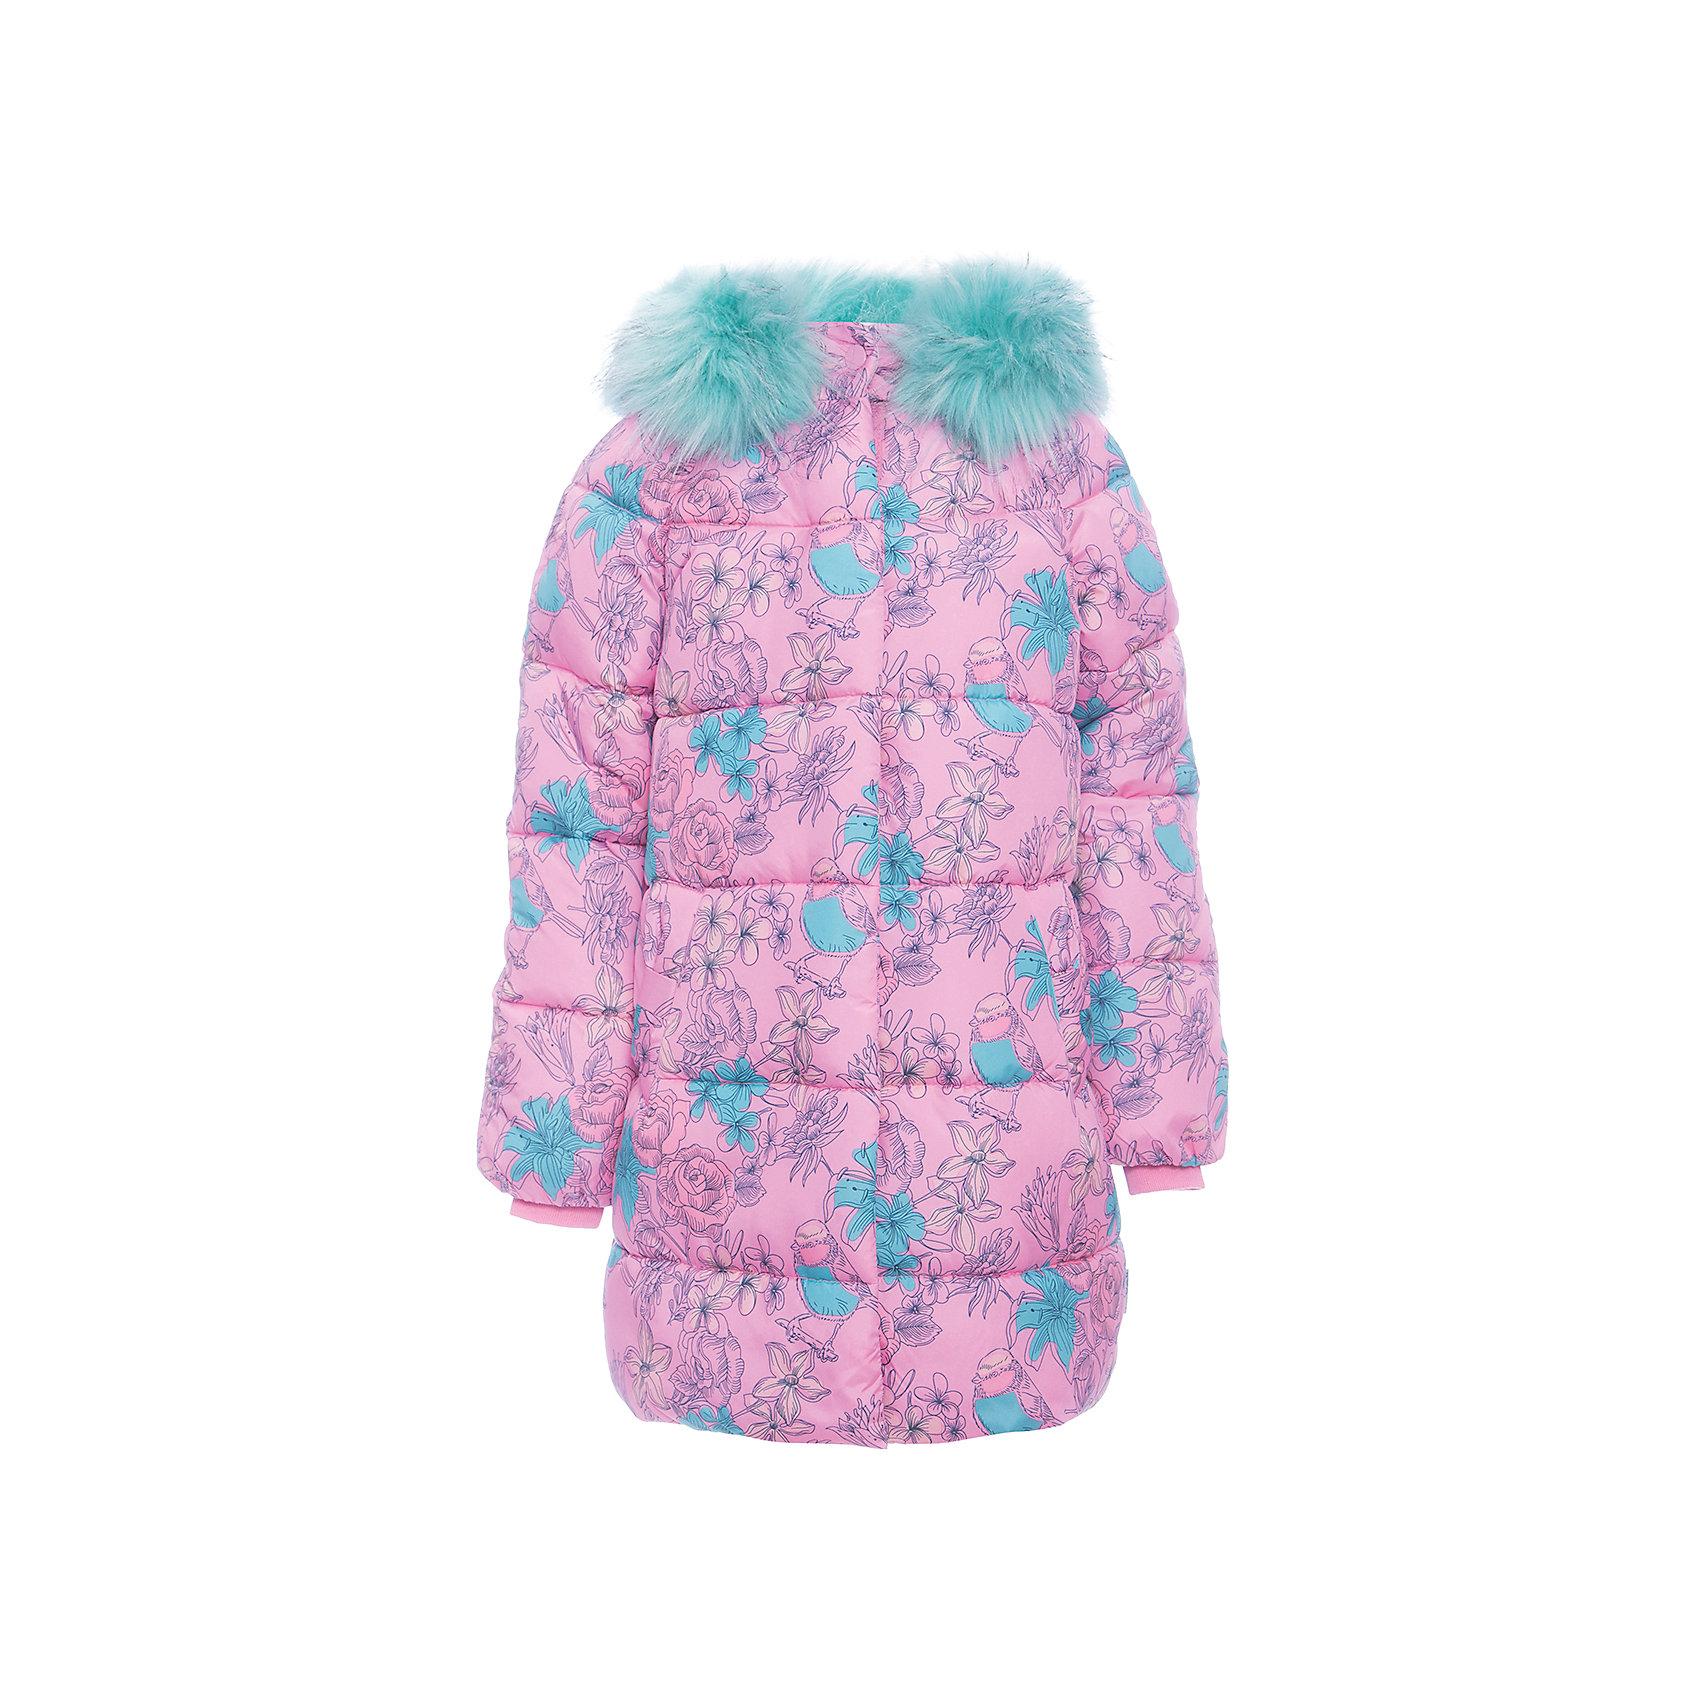 Пальто BOOM by Orby для девочкиВерхняя одежда<br>Характеристики товара:<br><br>• цвет: розовый<br>• состав ткани: таффета весна pu milky<br>• подкладка: хлопок, флис, полиэстер пуходержащий<br>• утеплитель: эко синтепон <br>• сезон: зима<br>• температурный режим: от 0 до -30С<br>• плотность утеплителя: 400 г/м2<br>• капюшон: с мехом<br>• застежка: молния<br>• страна бренда: Россия<br>• страна изготовитель: Россия<br><br>Модное зимнее пальто украшено принтом и дополнено удобным капюшоном с опушкой и карманами. Такое детское пальто отлично подойдет для зимних холодов - подкладка и наполнитель для зимнего пальто рассчитаны на морозную погоду. Зимнее пальто для девочки поможет обеспечить тепло и комфорт. <br><br>Пальто для девочки BOOM by Orby (Бум бай Орби) можно купить в нашем интернет-магазине.<br><br>Ширина мм: 356<br>Глубина мм: 10<br>Высота мм: 245<br>Вес г: 519<br>Цвет: розовый<br>Возраст от месяцев: 96<br>Возраст до месяцев: 108<br>Пол: Женский<br>Возраст: Детский<br>Размер: 134,92,128,122,116,110,104,98<br>SKU: 7090247